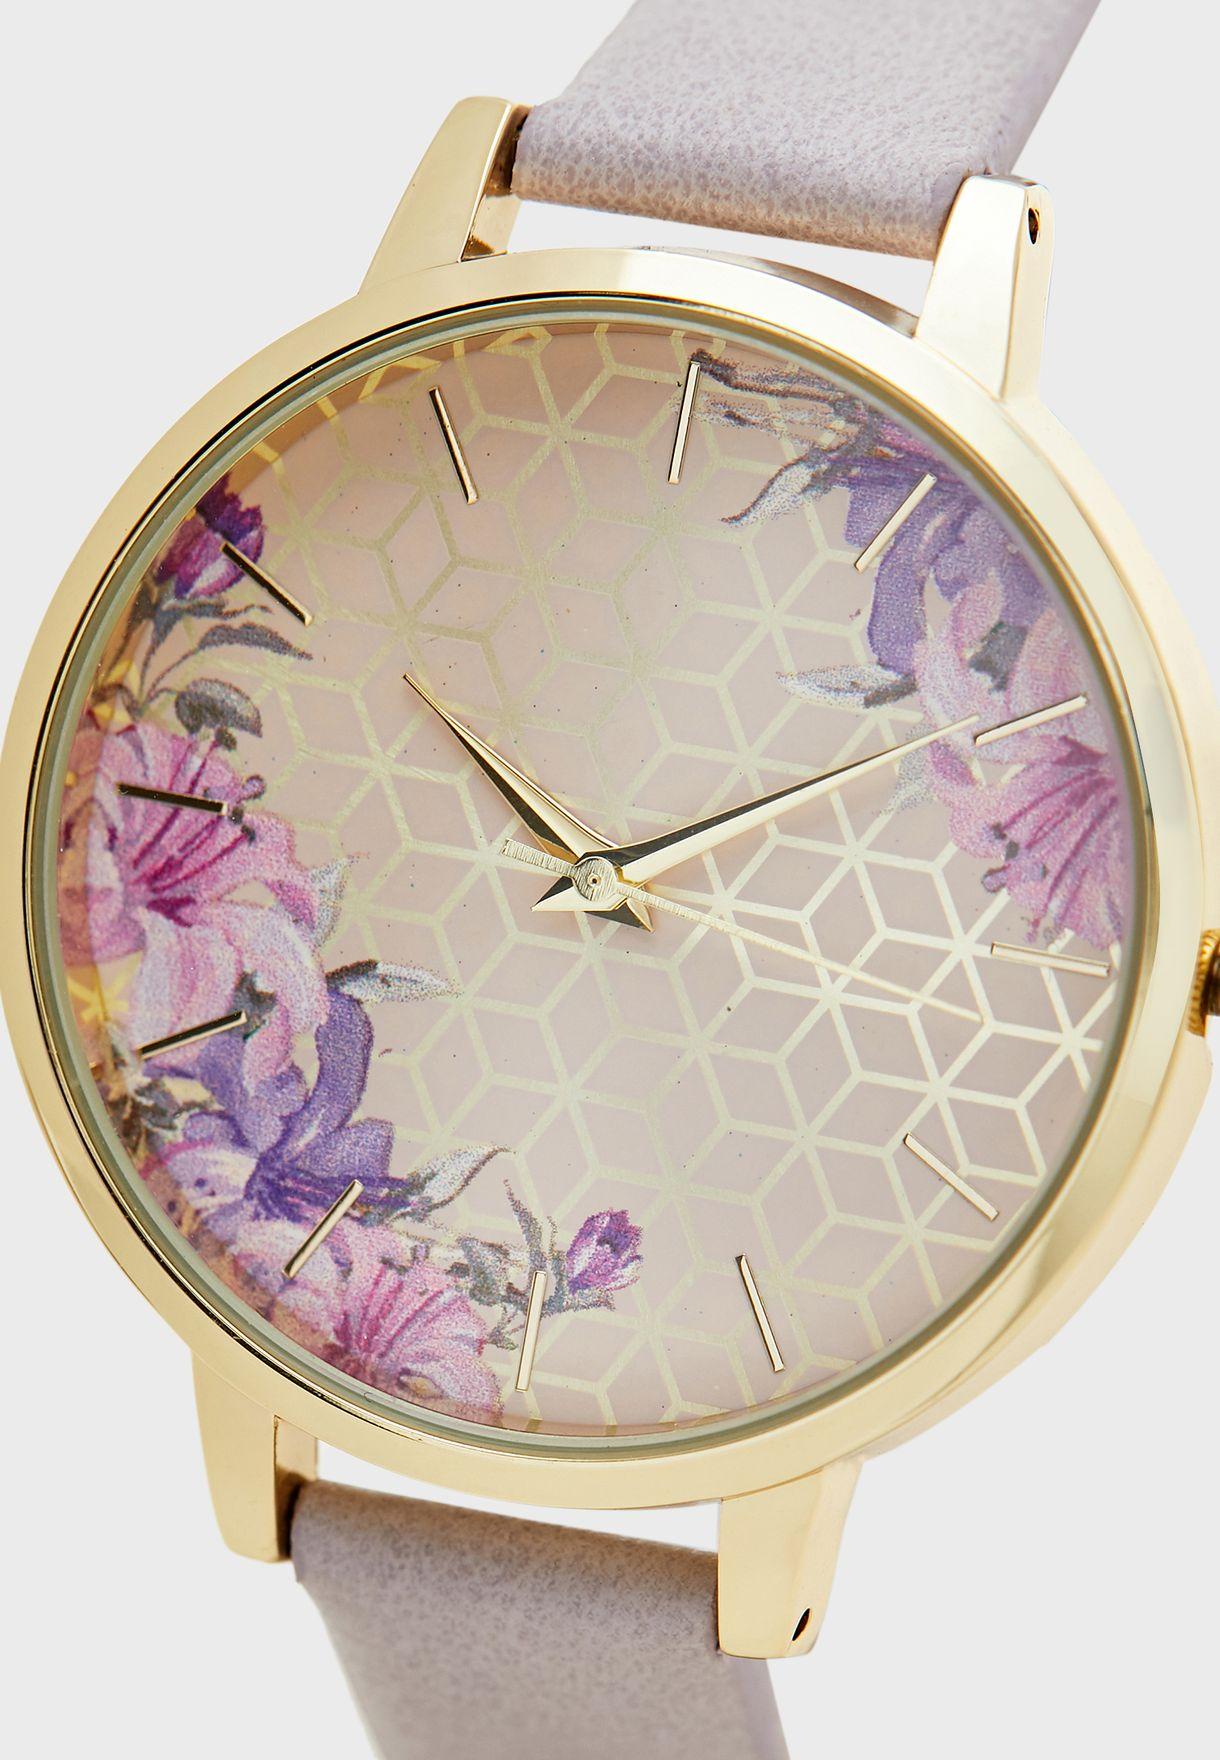 ساعة بطبعات ازهار